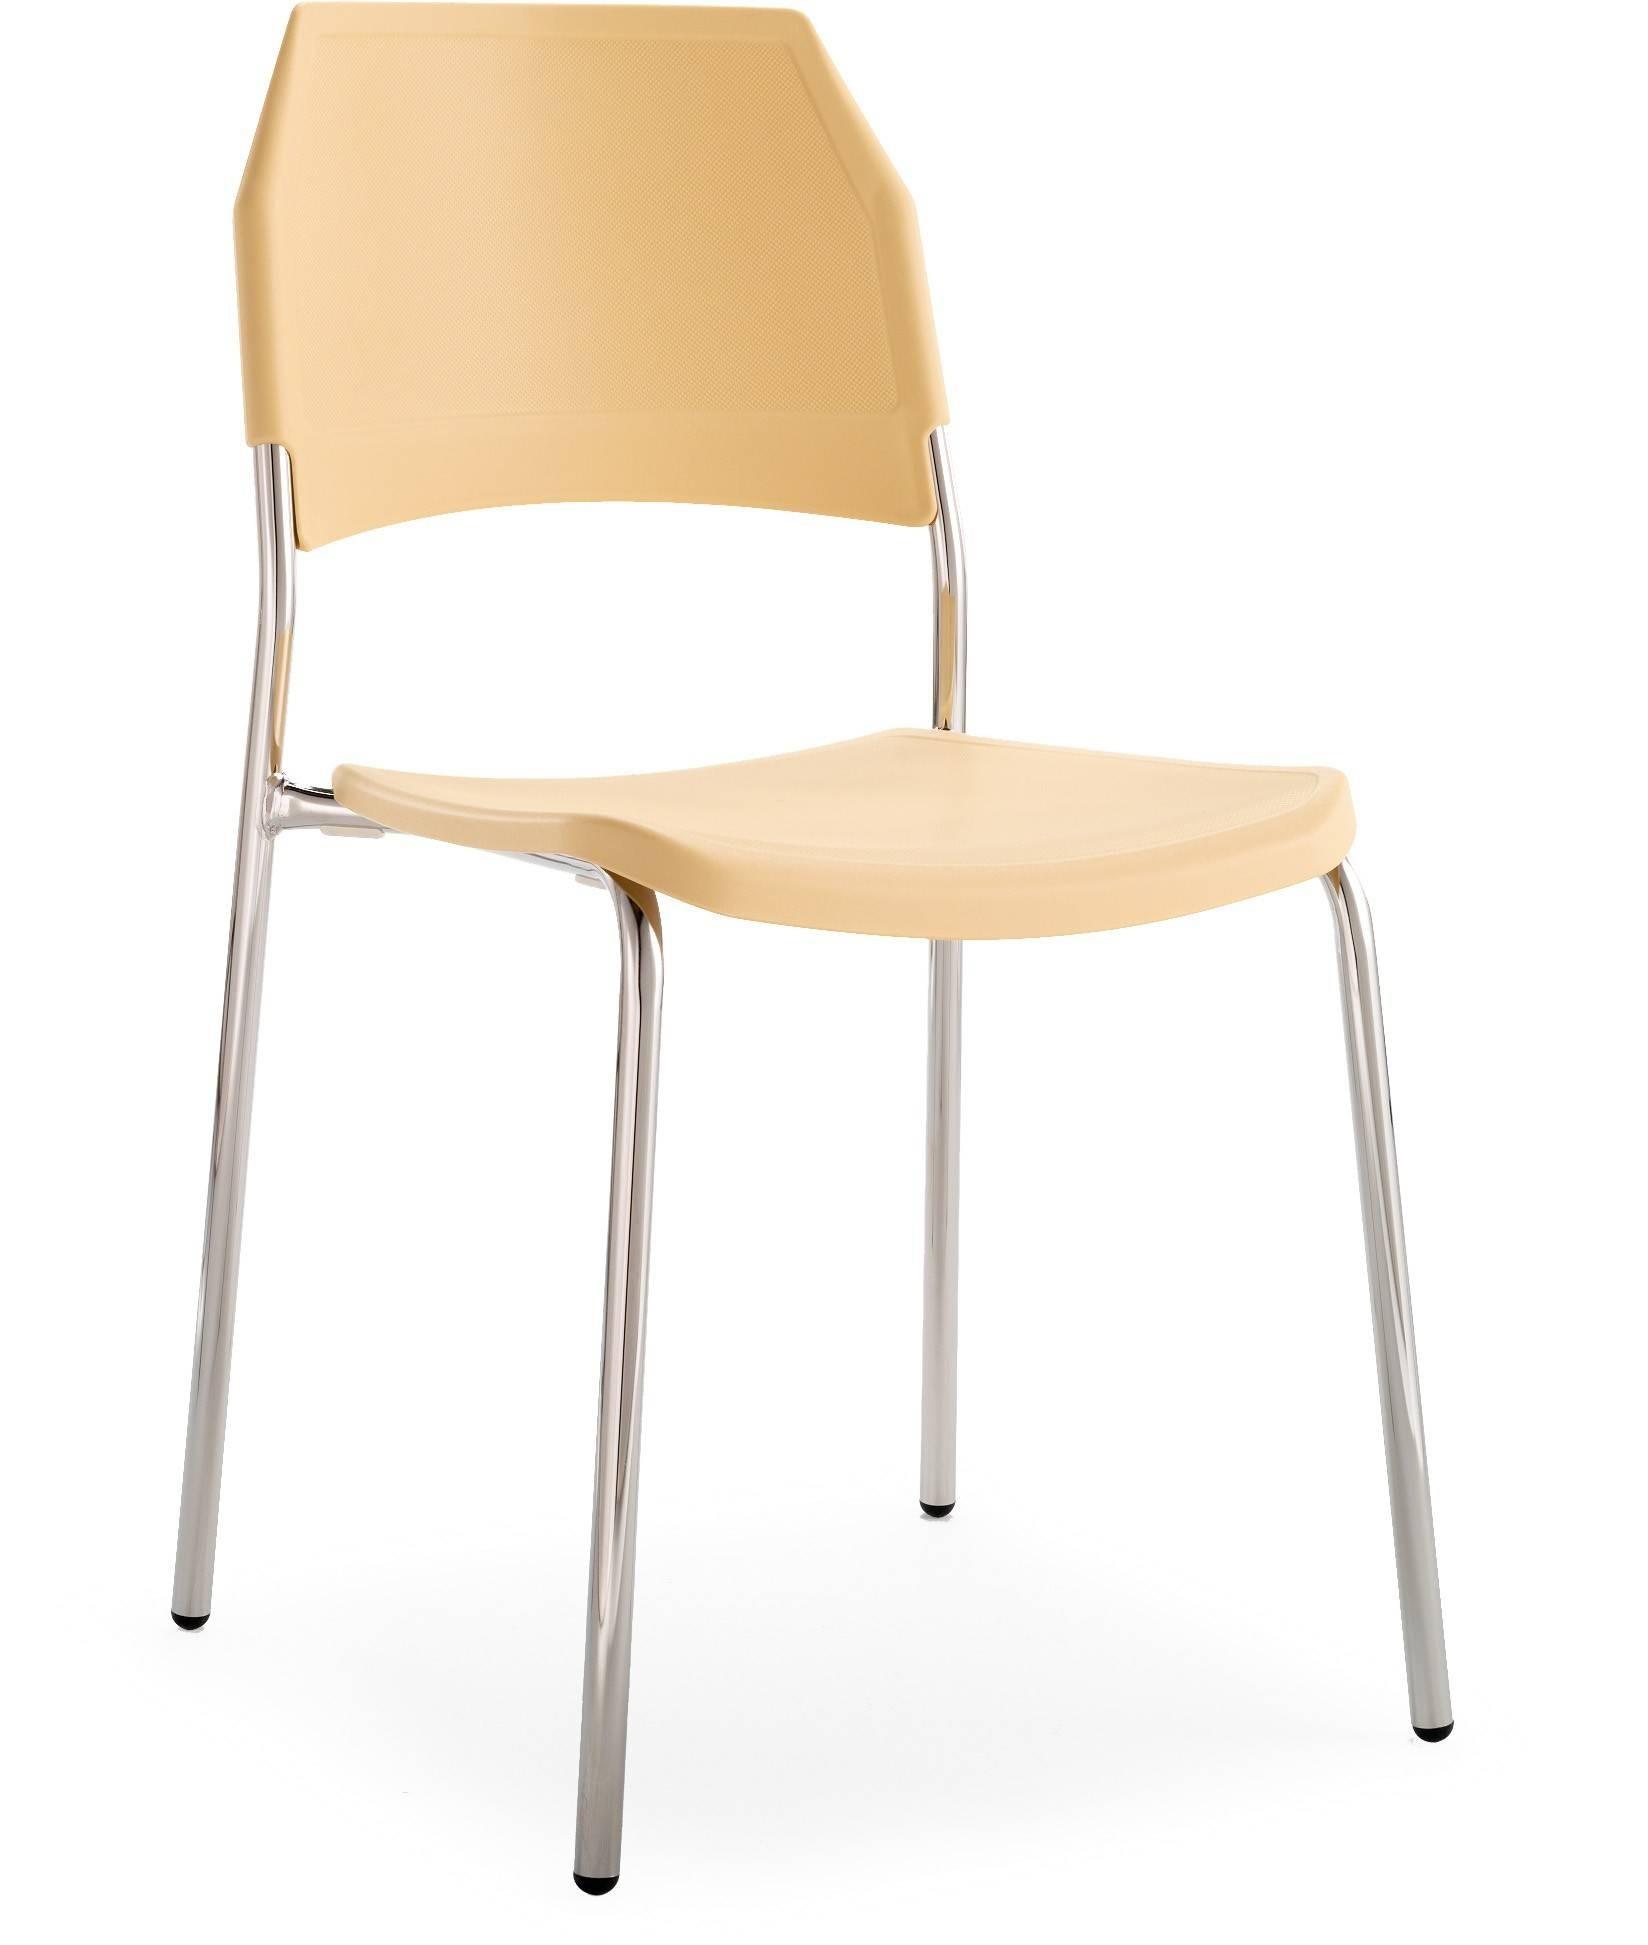 set-4-sedie-granada-in-plastica-beige-con-struttura-in-metallo-finitura-alluminio-made-in-italy.jpg